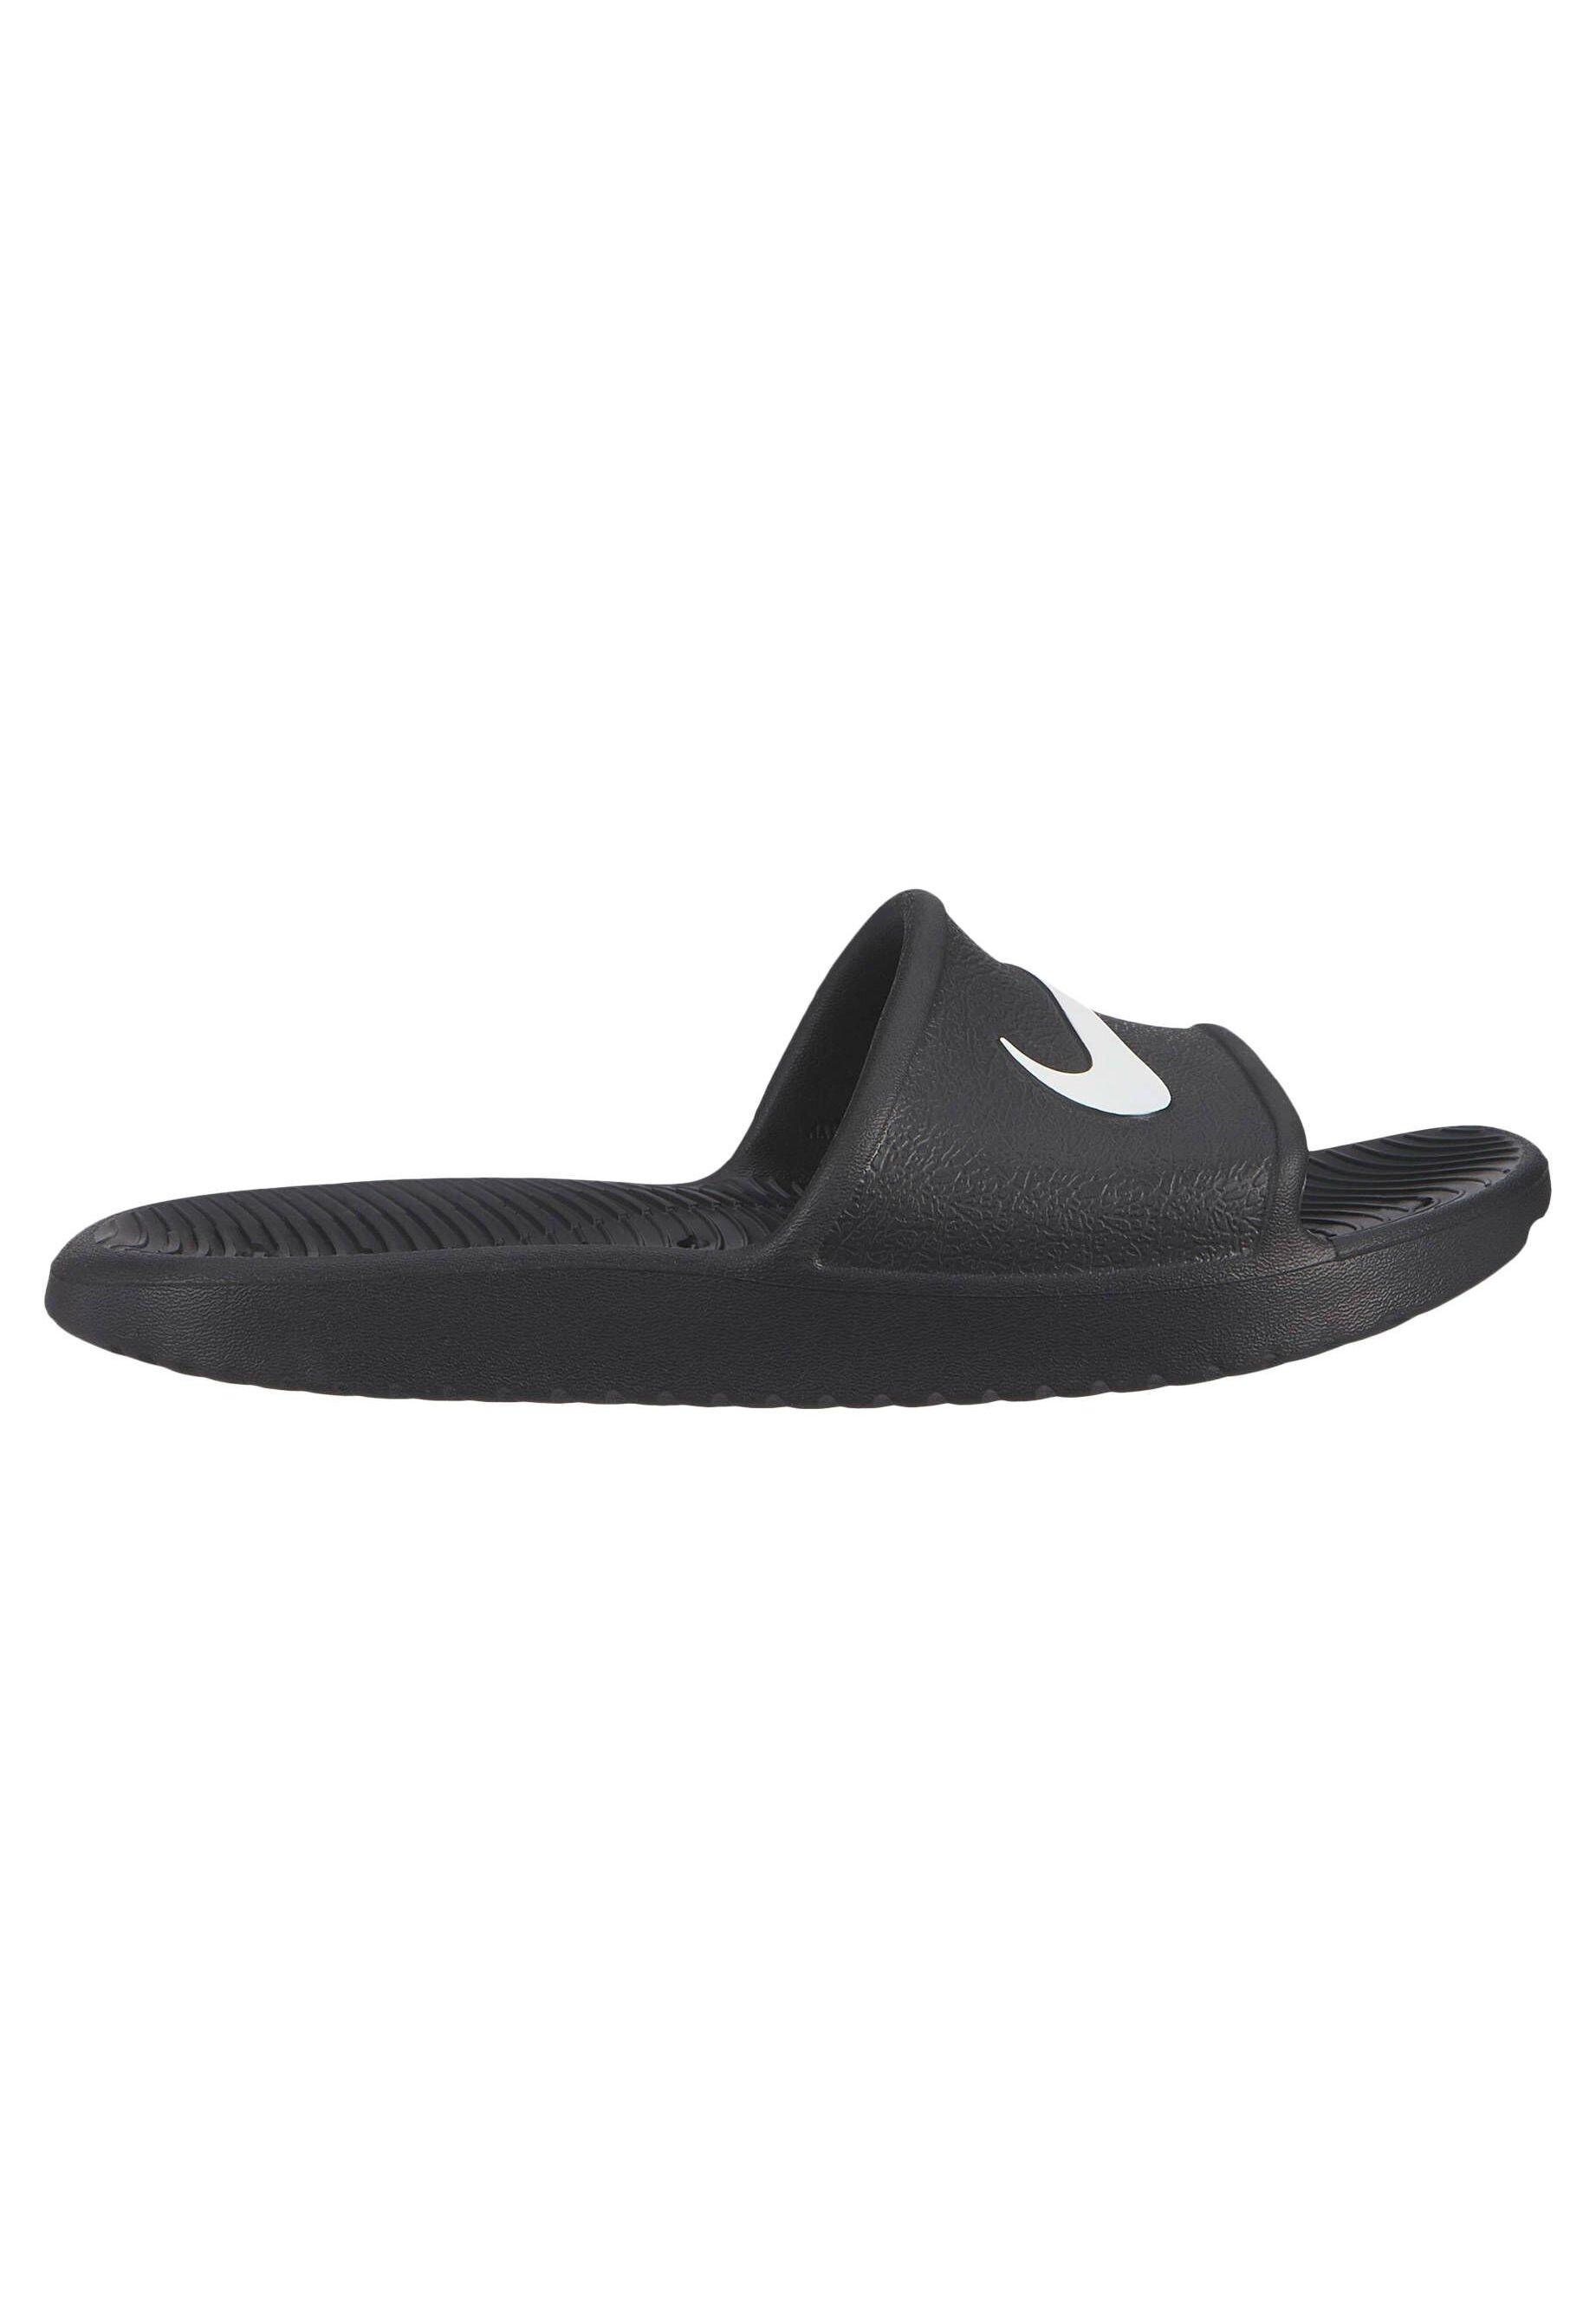 Chaussures de plage enfant Nike | Tous les articles chez Zalando